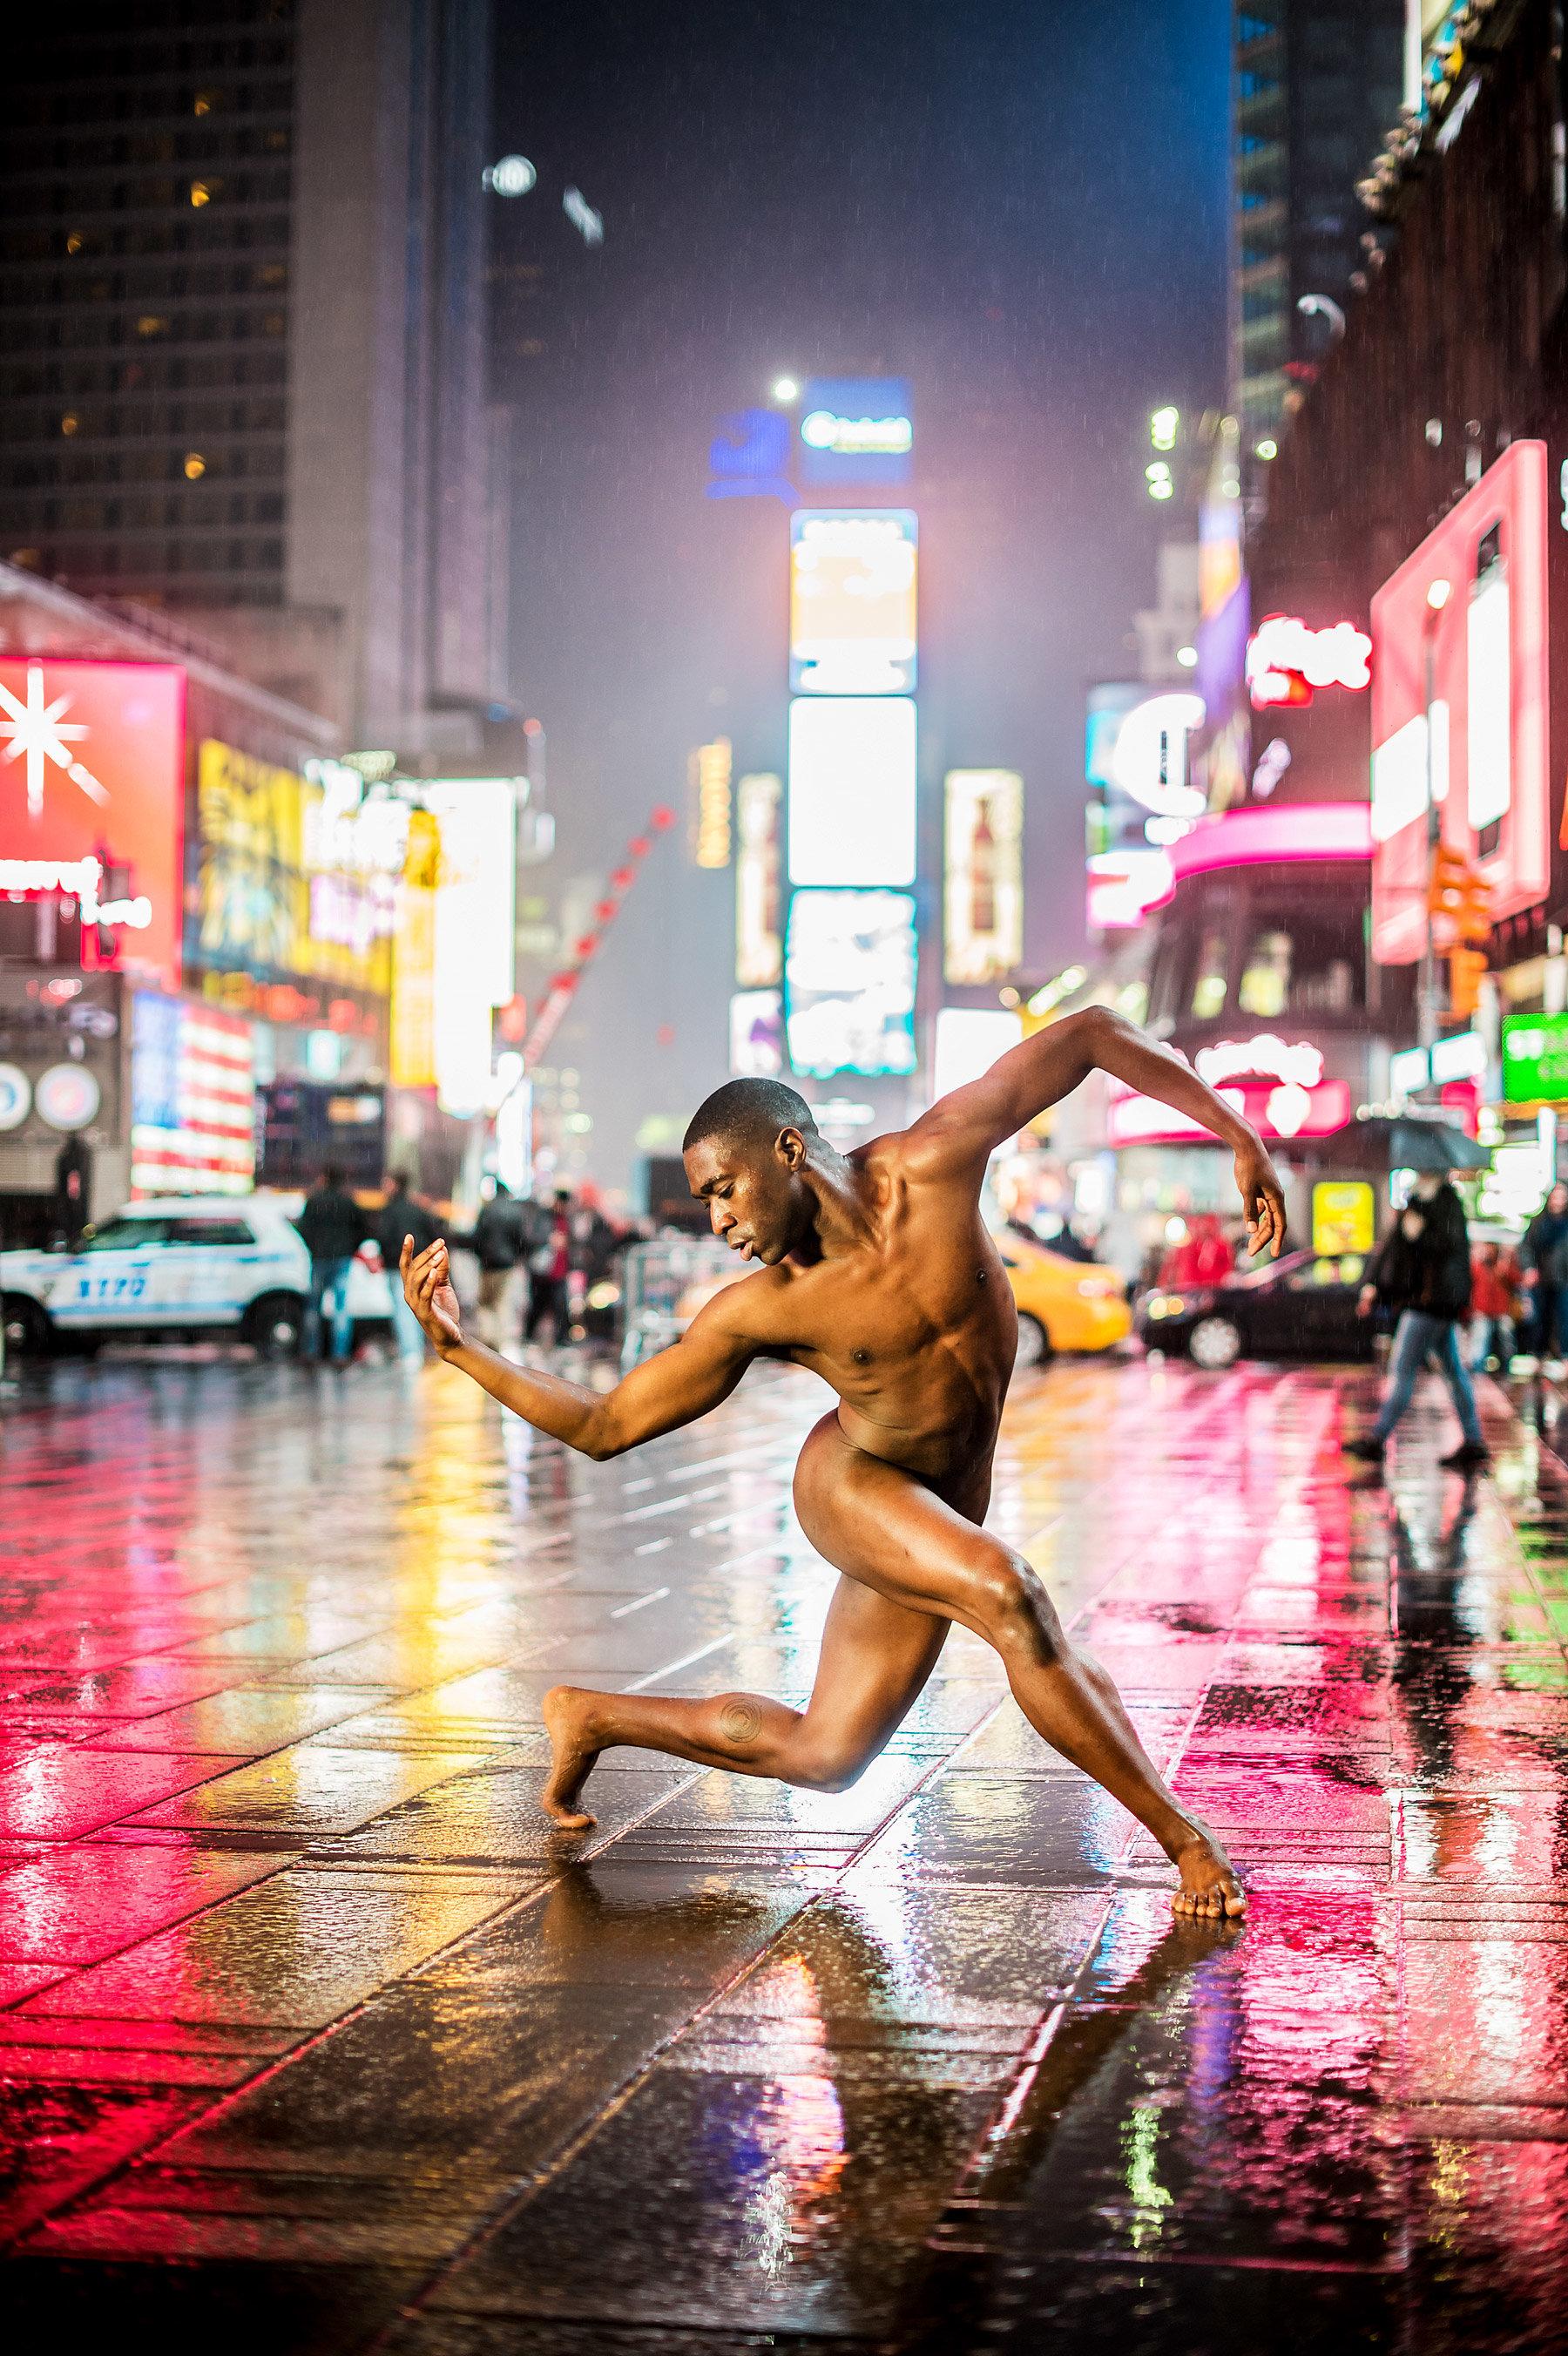 Black Naked men ballet